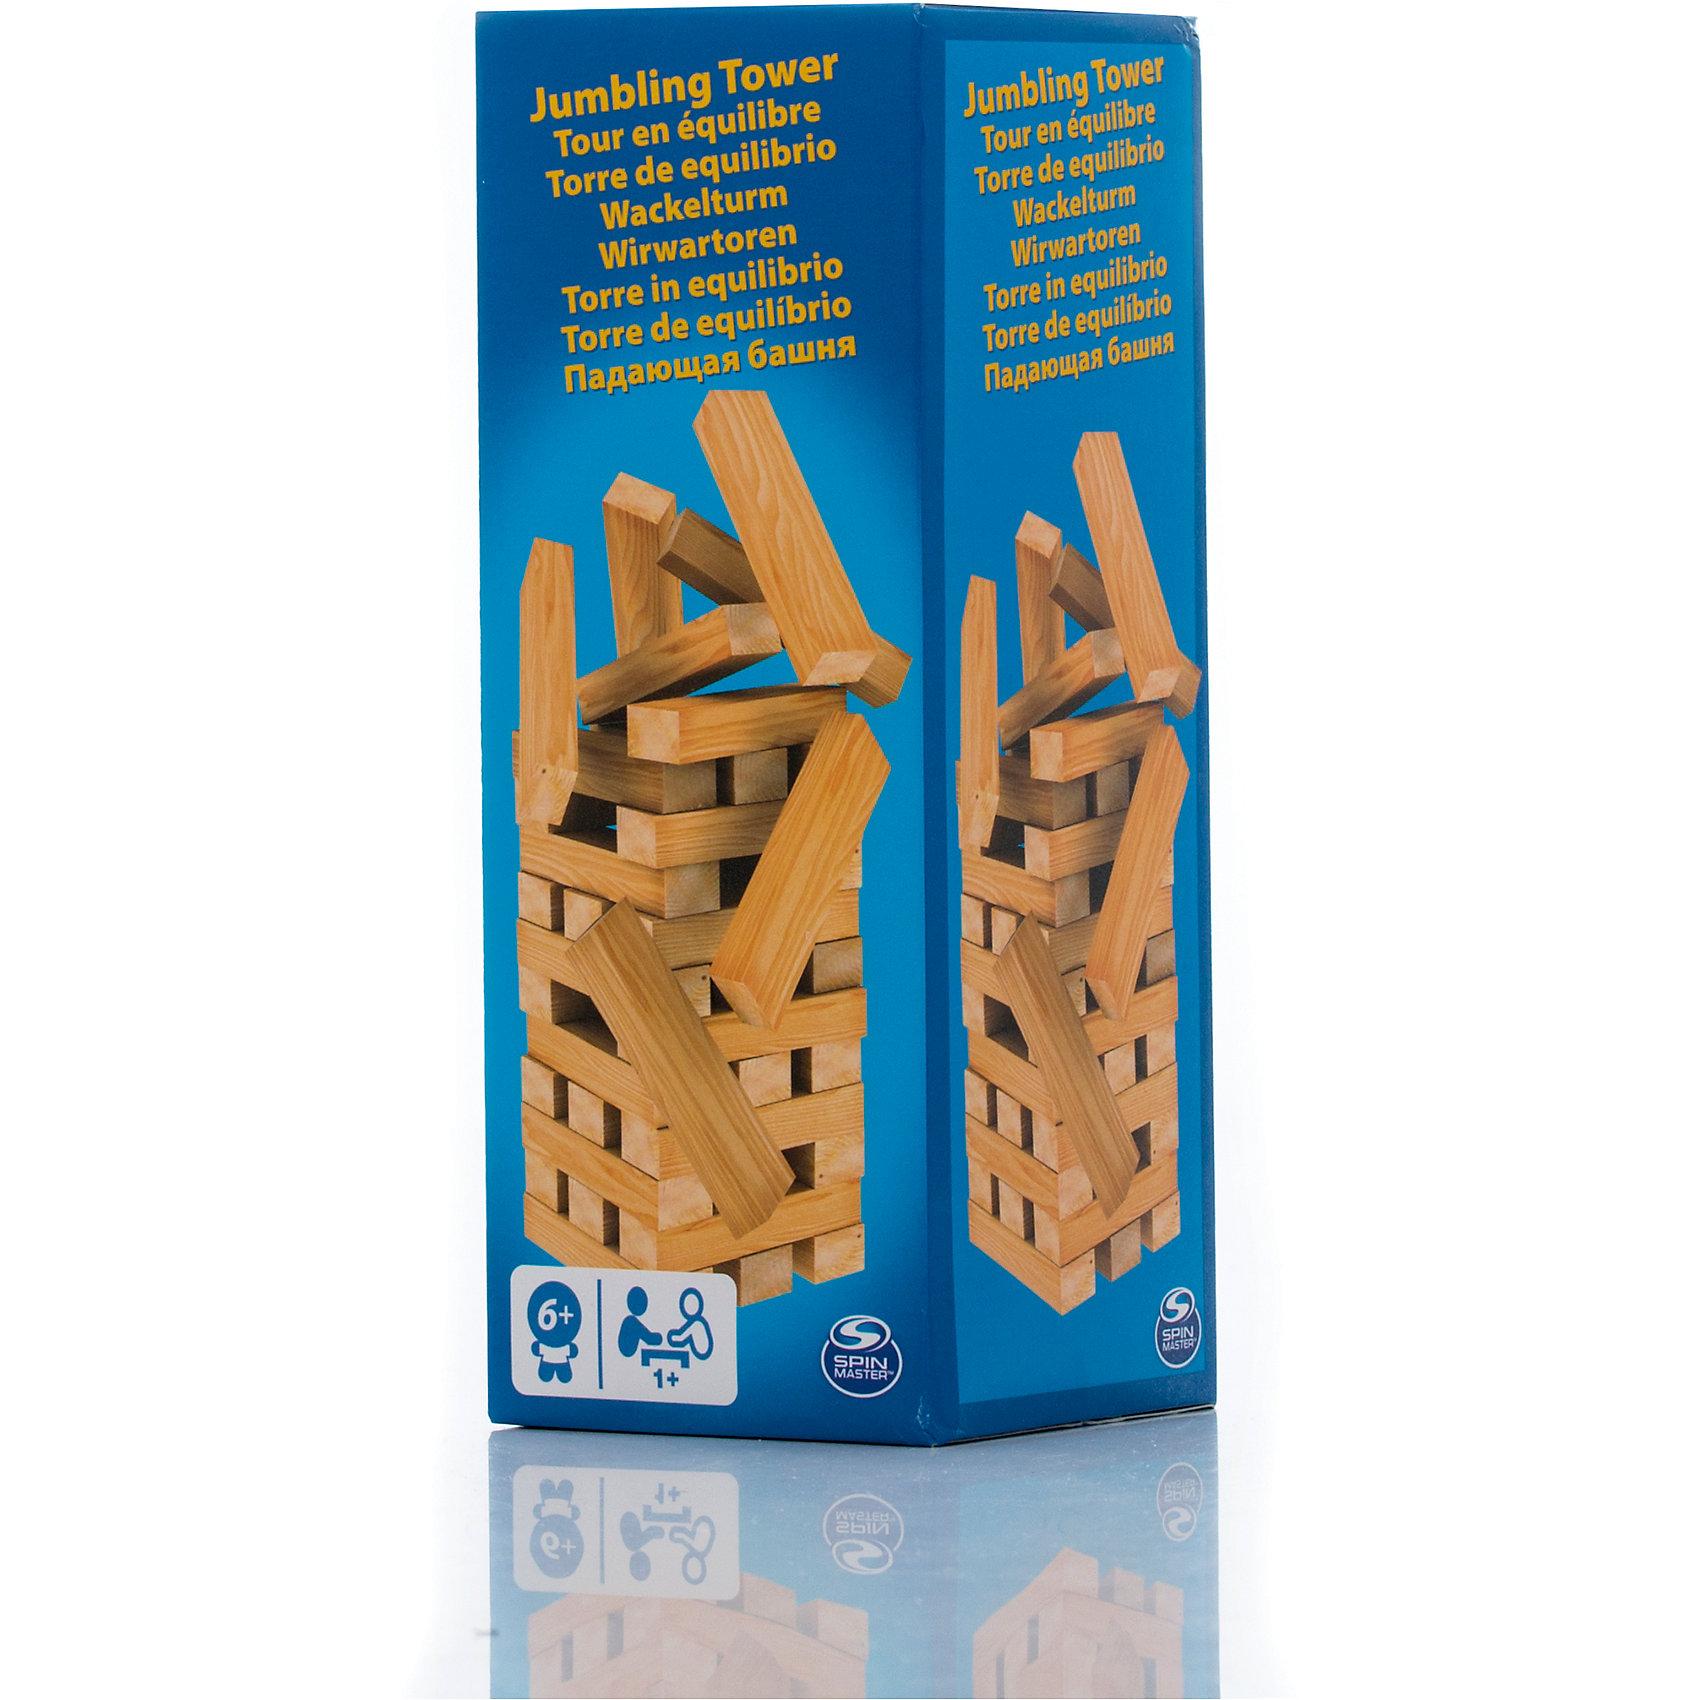 Настольная игра Падающая башня, 39 блоков, Spin MasterНастольные игры для всей семьи<br>Характеристики товара:<br><br>• возраст от 6 лет;<br>• материал: дерево;<br>• в комплекте: 39 блоков;<br>• максимальное количество игроков: 4 человека;<br>• размер блока 7,5 см;<br>• размер упаковки 21х8х8 см;<br>• страна производитель: Китай.<br><br>Настольная игра «Падающая башня» Spin Master — увлекательная игра для компании до 4 человек. Цель игры — построить высокую башню, а затем убирать из нее по одному брусочку и помещать его наверх. Только следует быть аккуратным и внимательным, вынимая брусочки. Башня не должна упасть, иначе игрок проиграет. Игра тренирует внимательность, аккуратность, смекалку, ловкость. <br><br>Настольную игру «Падающая башня» Spin Master можно приобрести в нашем интернет-магазине.<br><br>Ширина мм: 80<br>Глубина мм: 80<br>Высота мм: 210<br>Вес г: 718<br>Возраст от месяцев: 72<br>Возраст до месяцев: 2147483647<br>Пол: Унисекс<br>Возраст: Детский<br>SKU: 6728771